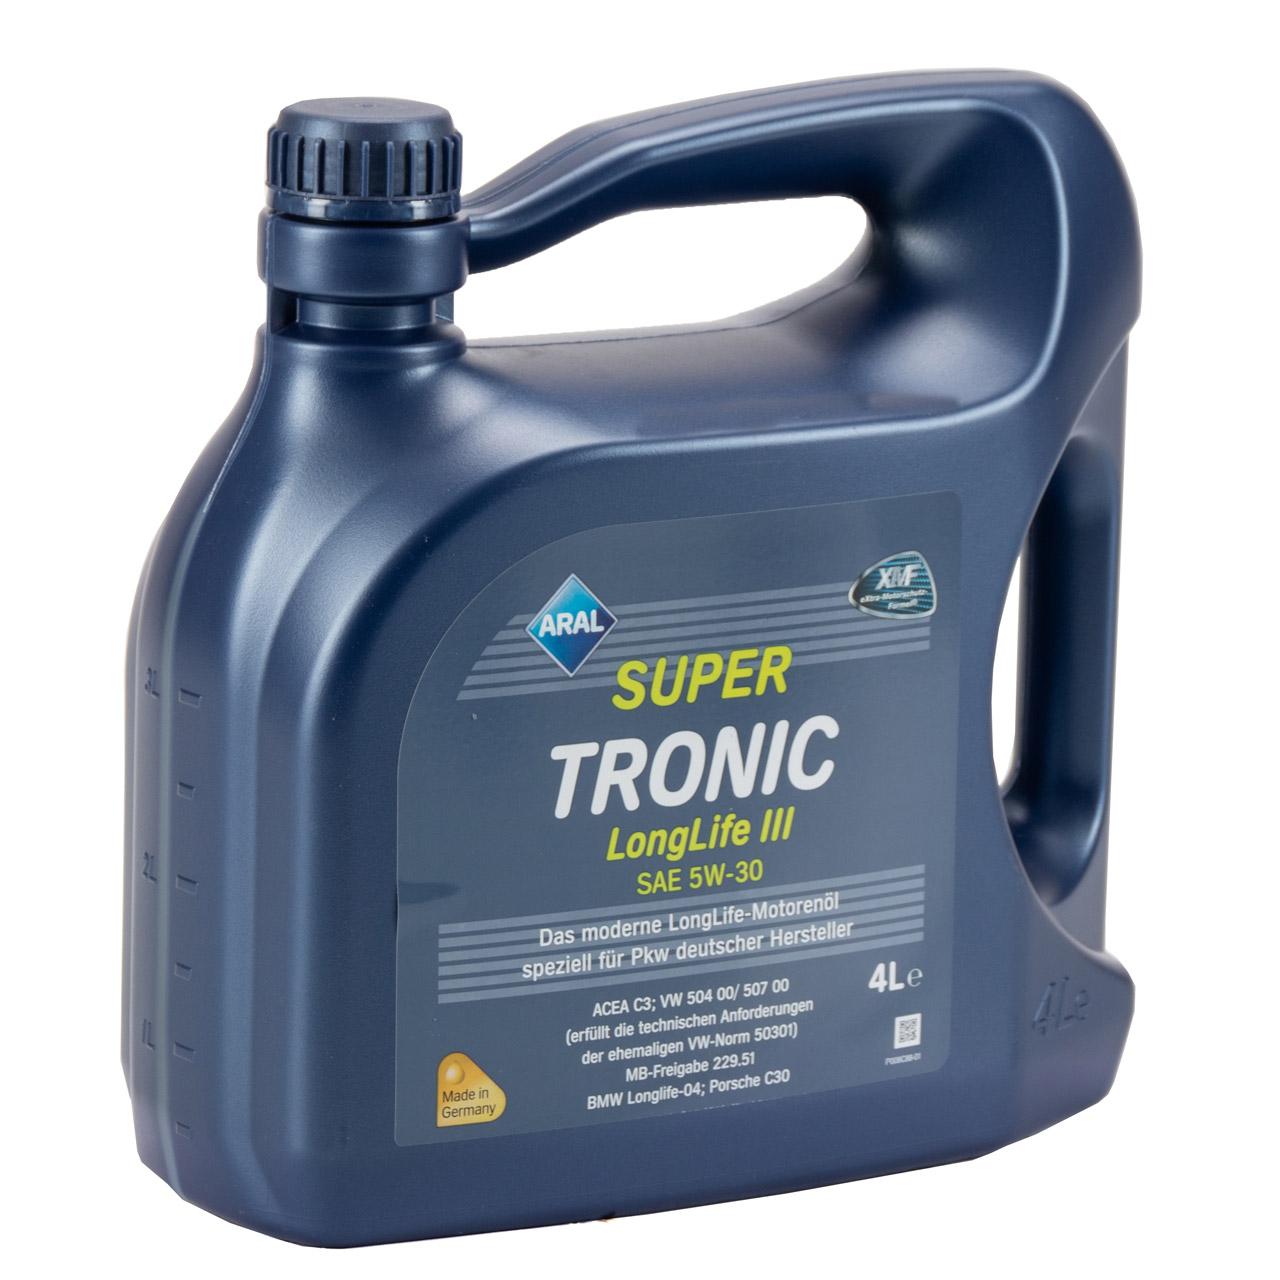 ARAL Motoröl Öl SUPER TRONIC LongLife III 5W30 für VW 504.00/507.00 - 4L 4 Liter